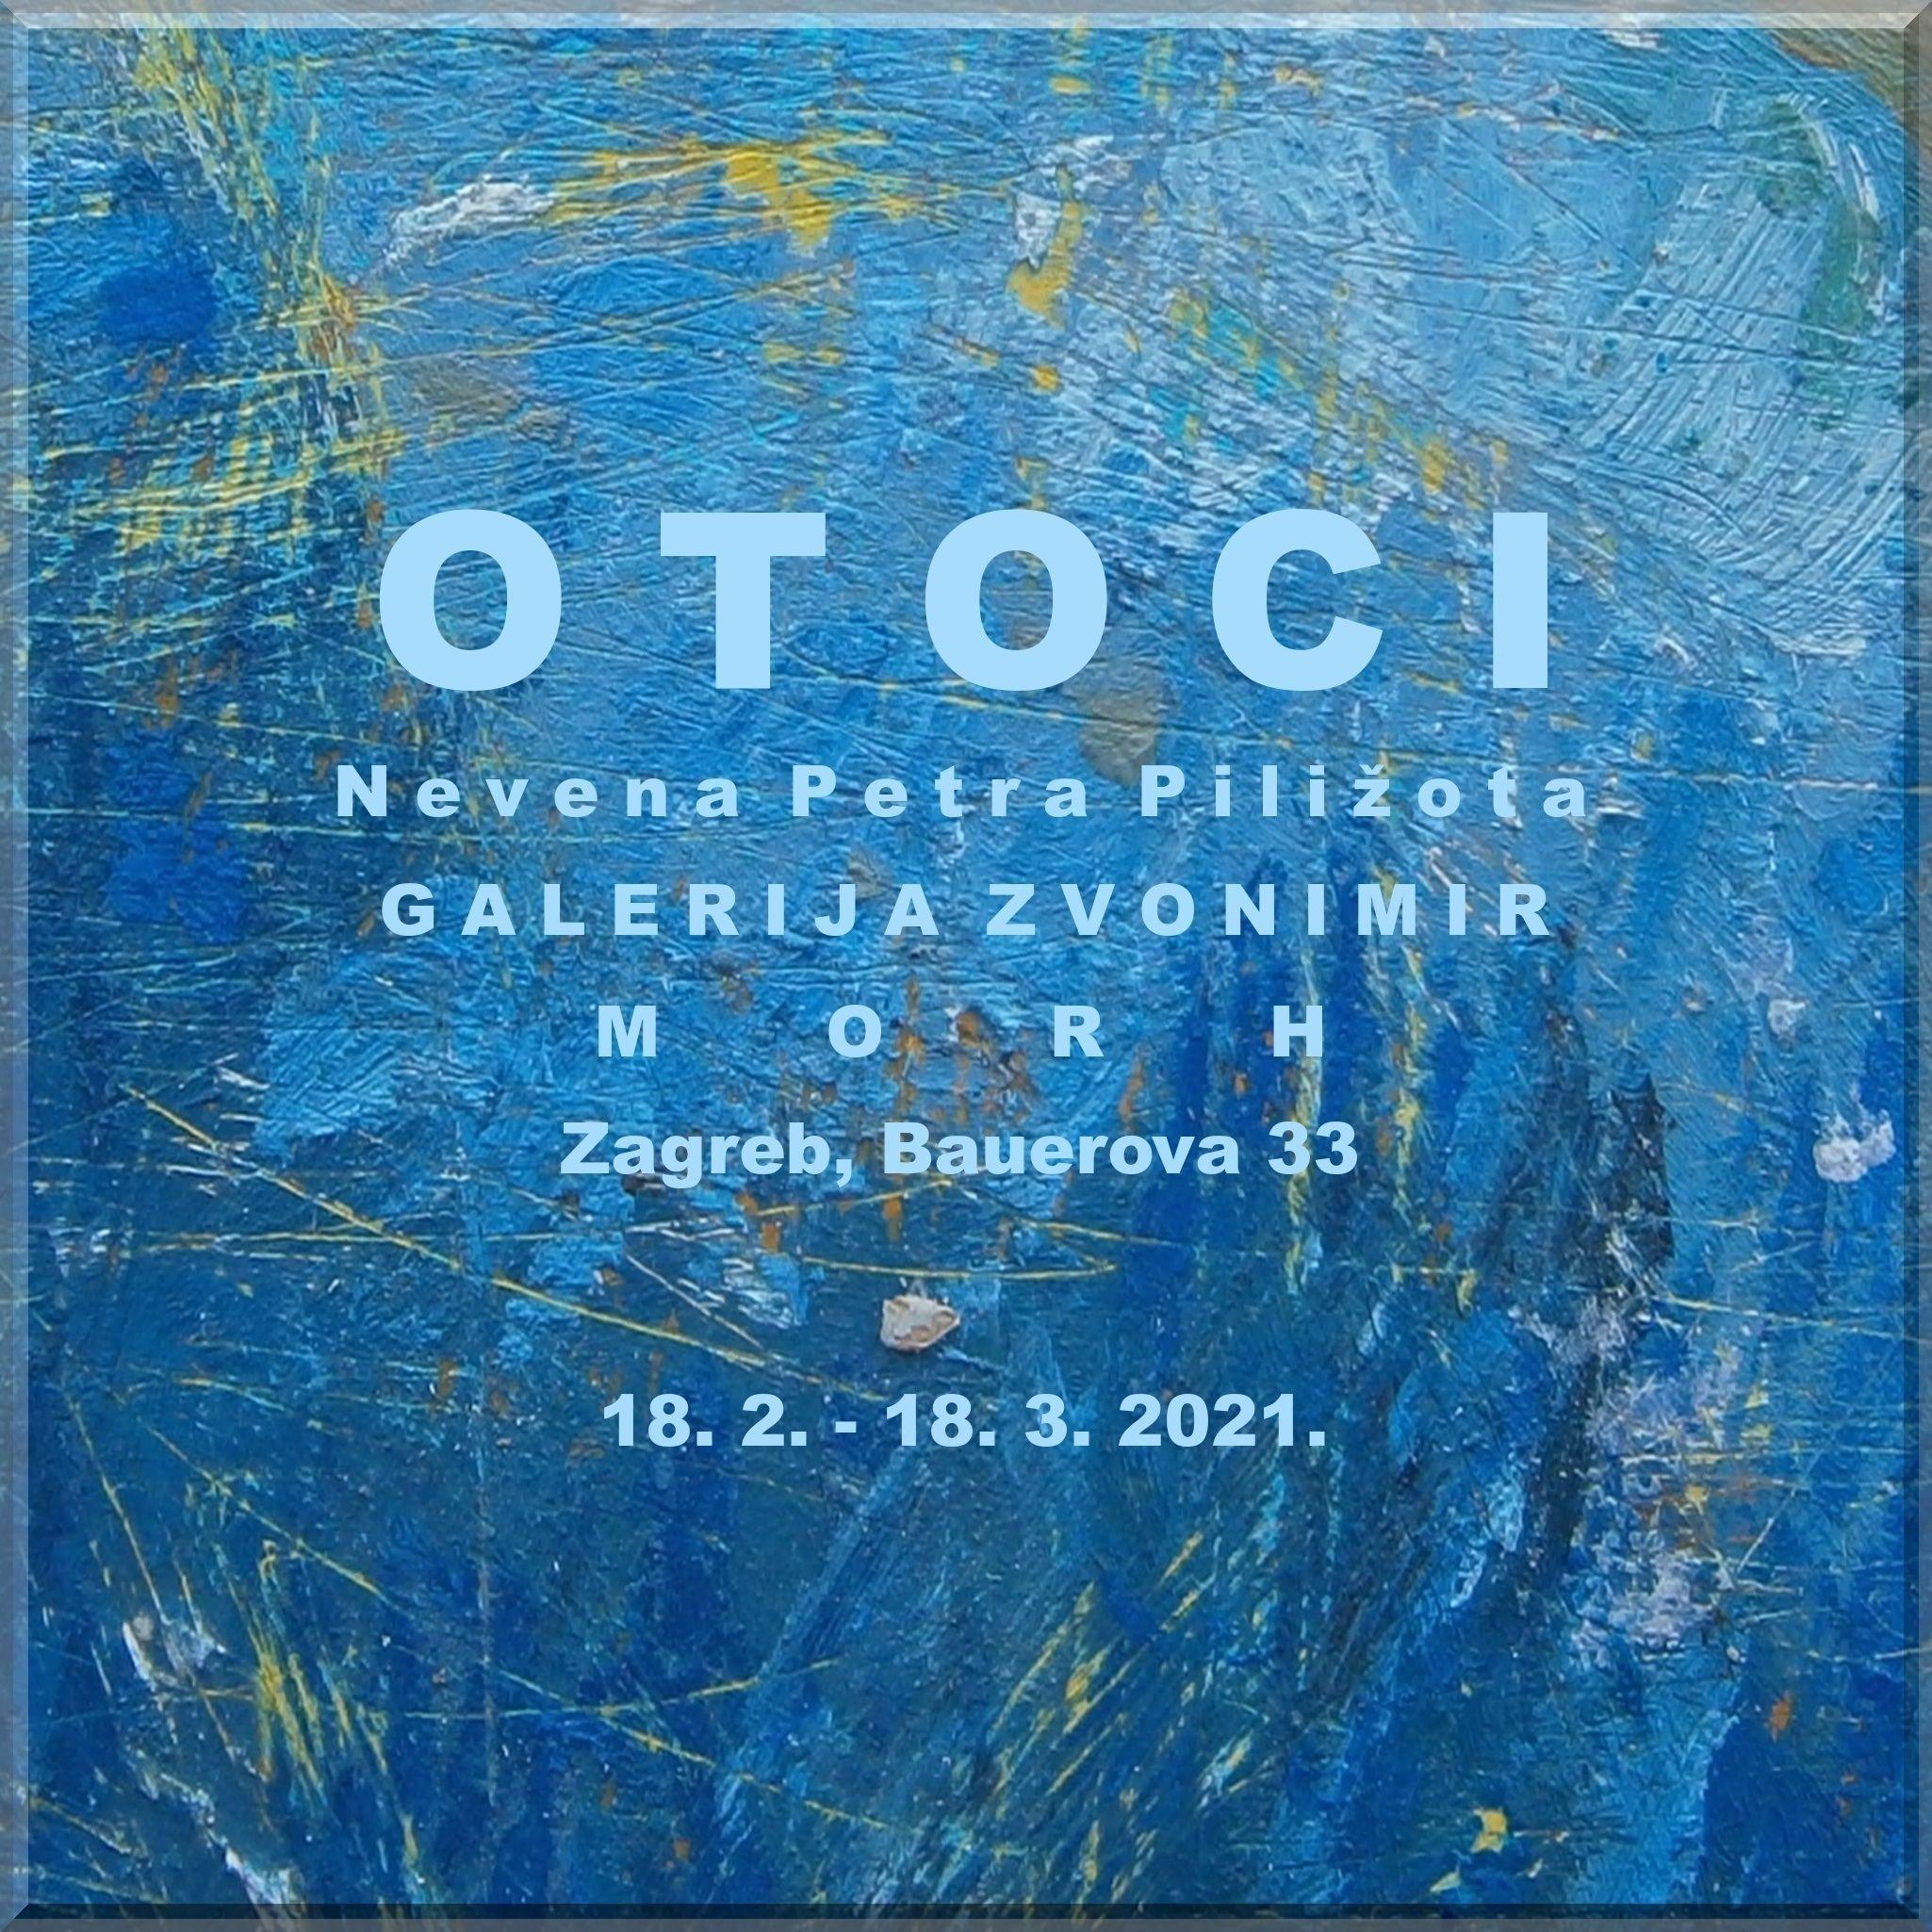 Otvorenje izložbe šibenske umjetnice Nevene Petre Piližota